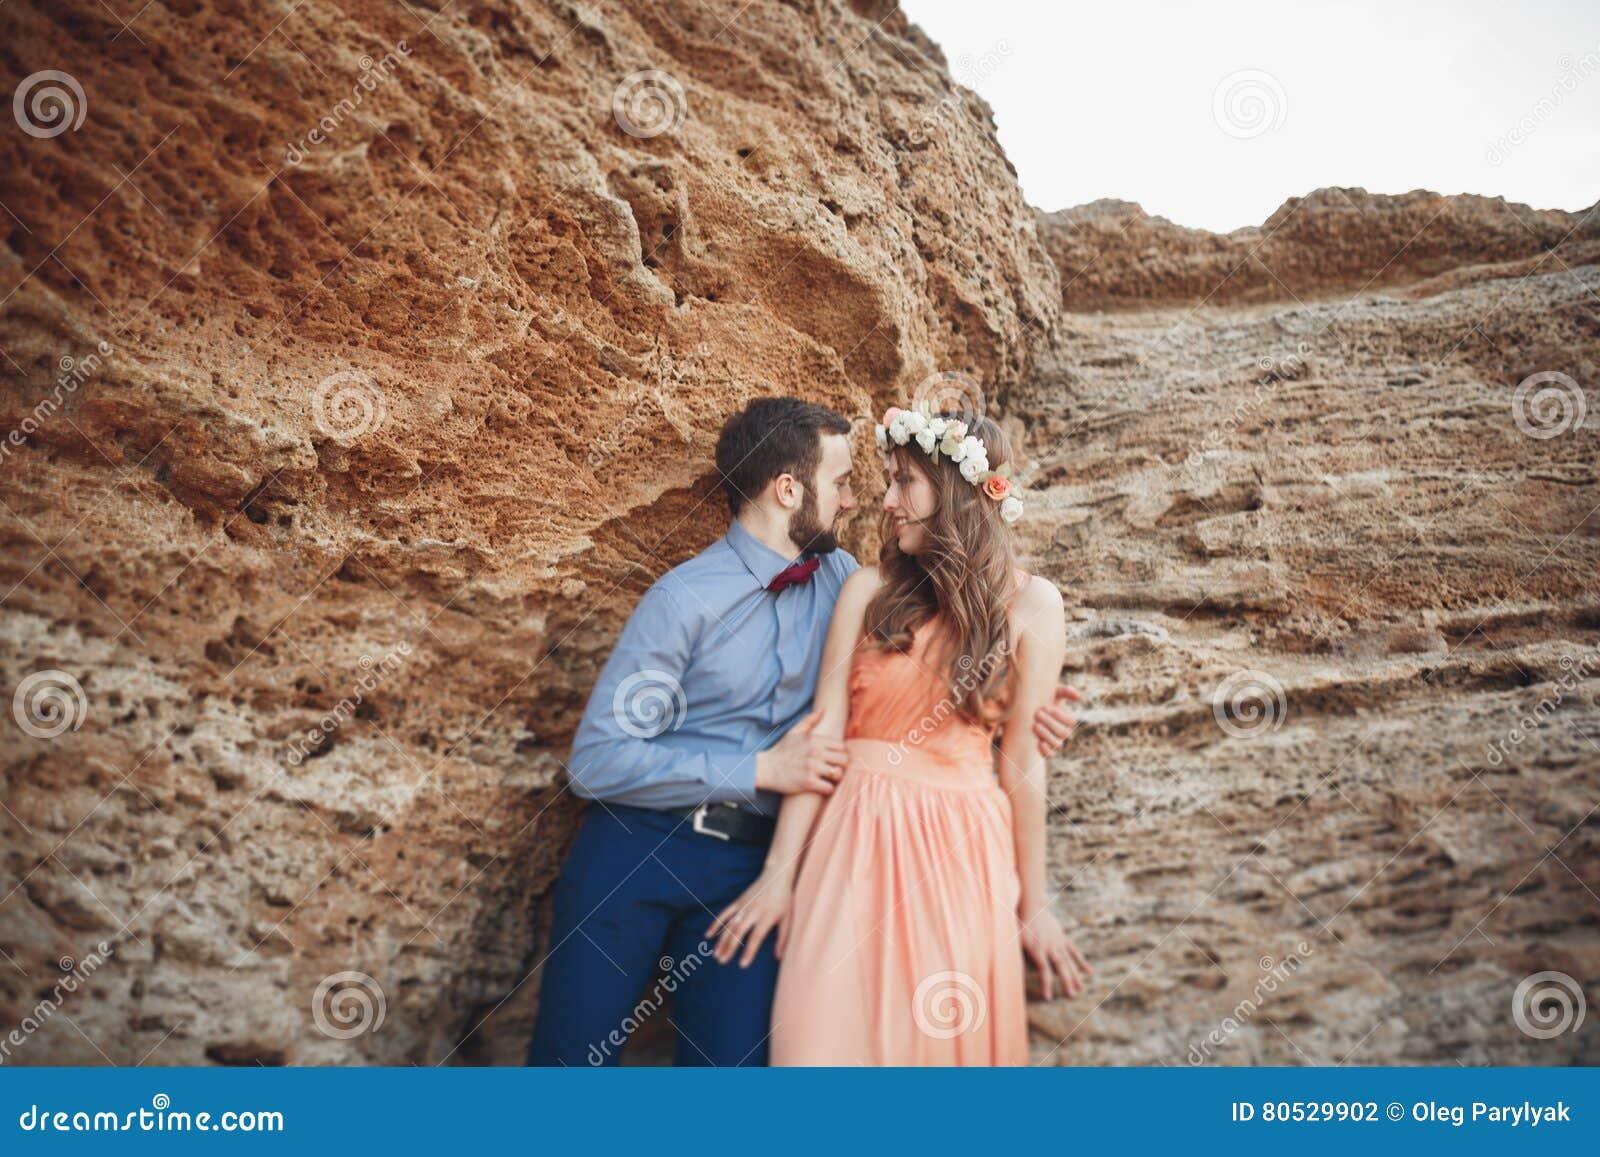 Romantisch flirten